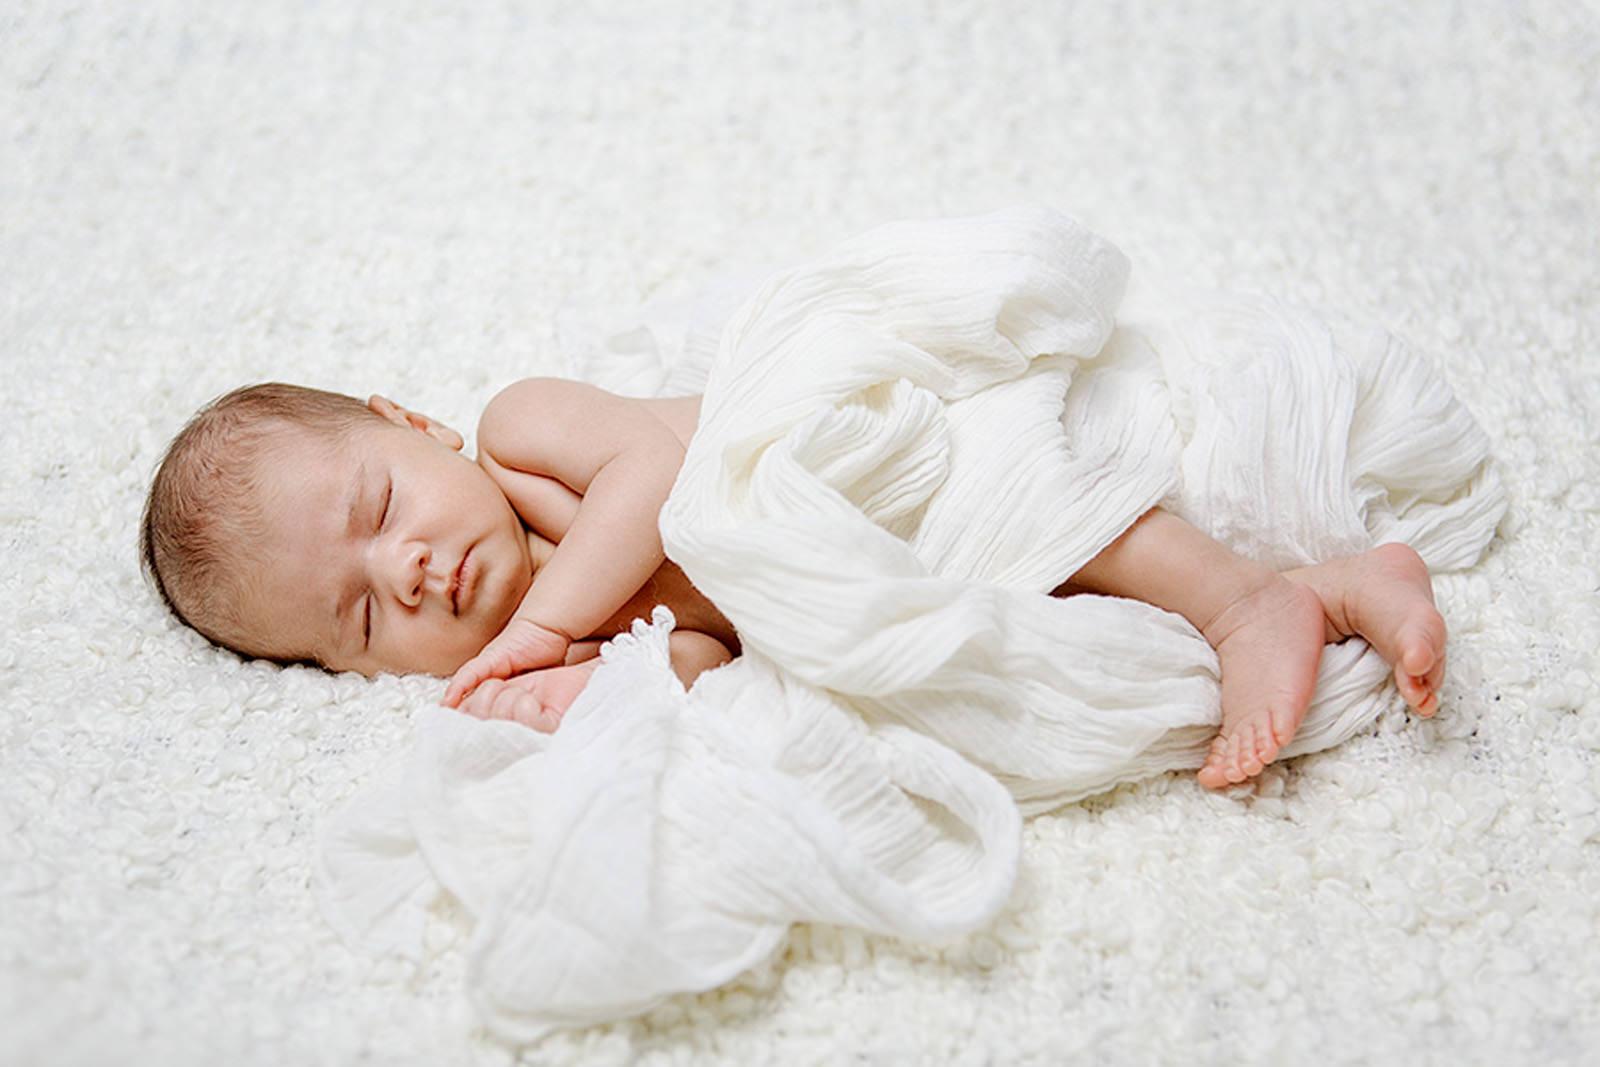 photos naturelles en studio à paris par photographe spécialisé bébé et famille